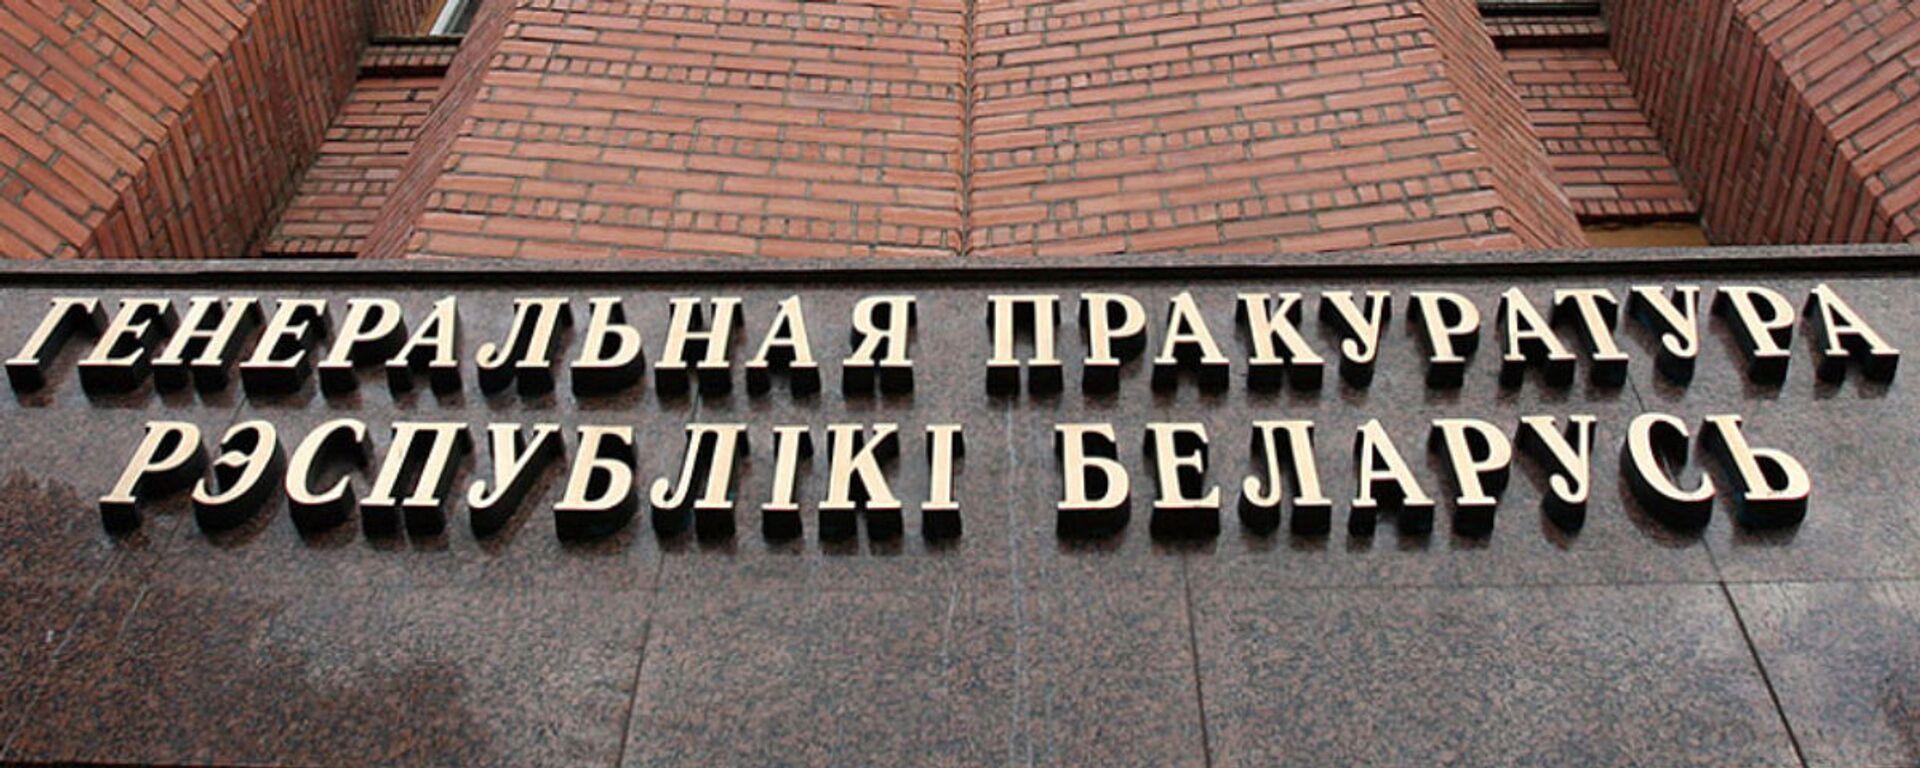 Генеральная пракуратура Беларусі - Sputnik Беларусь, 1920, 22.09.2021